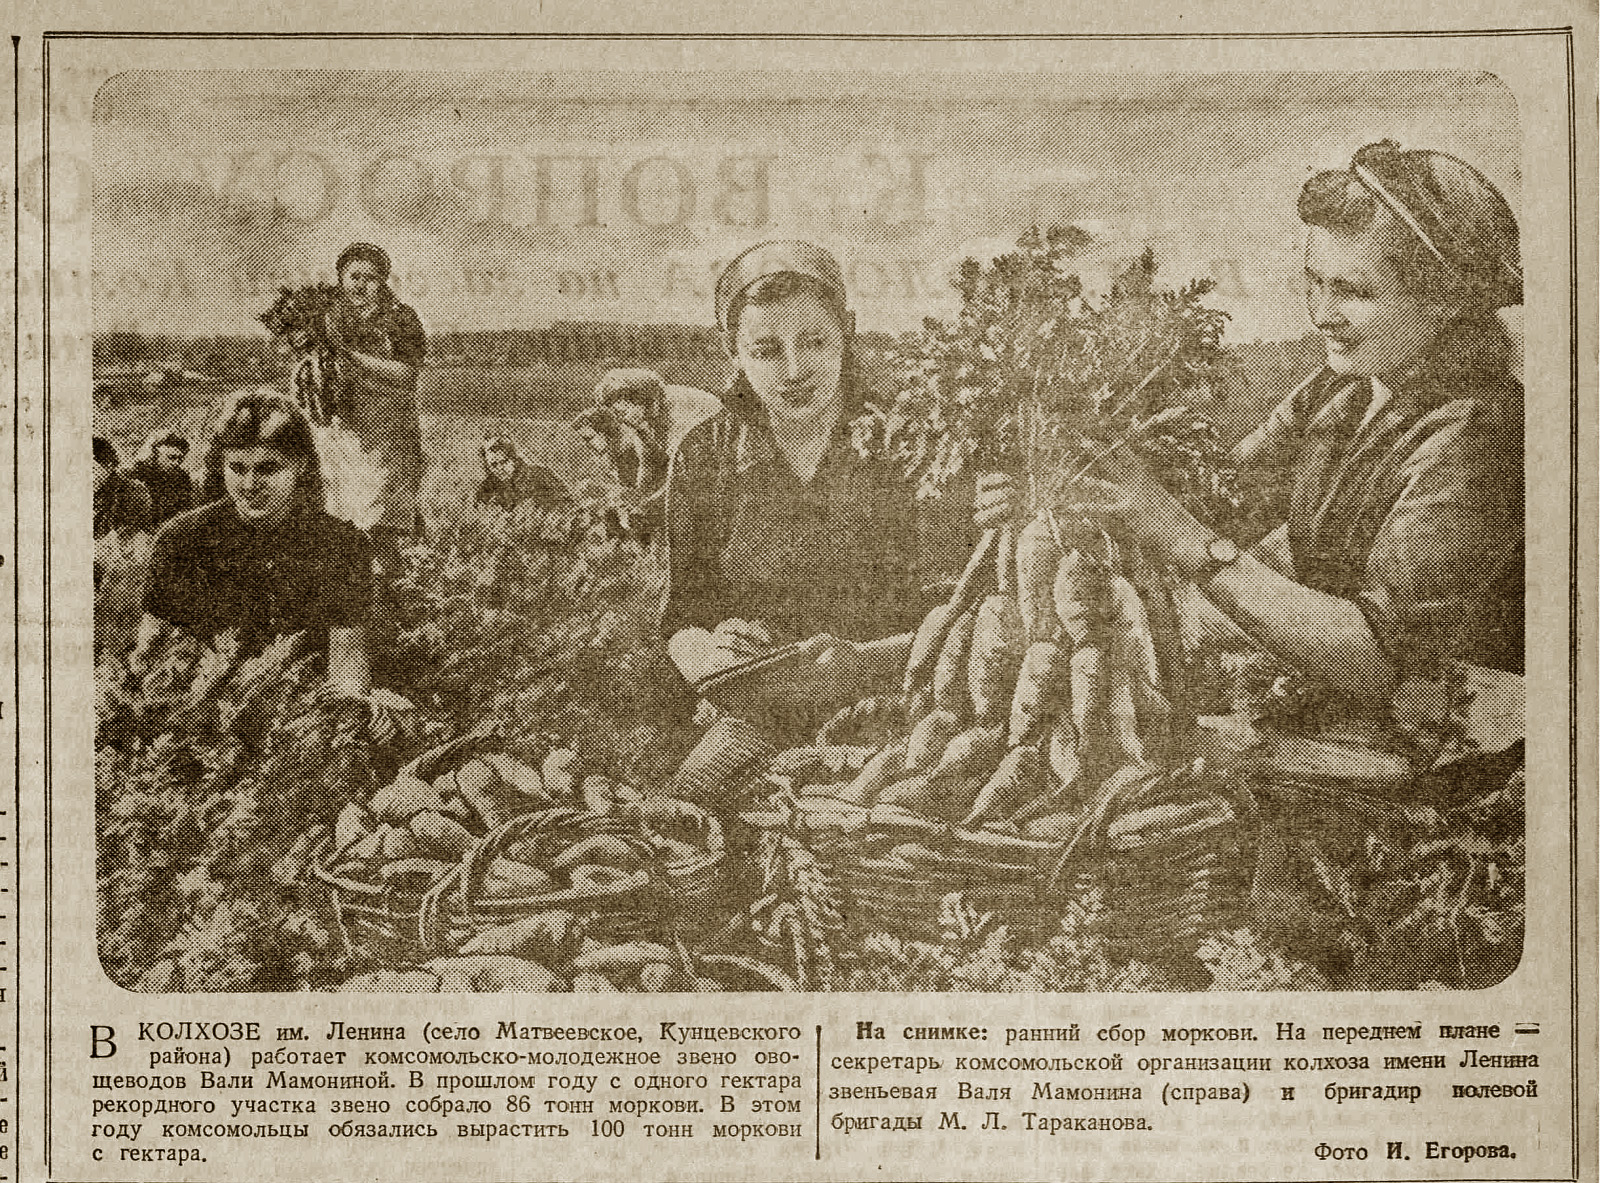 1946 Московский комсомолец, 1946, № 104 (643), 27 августа2